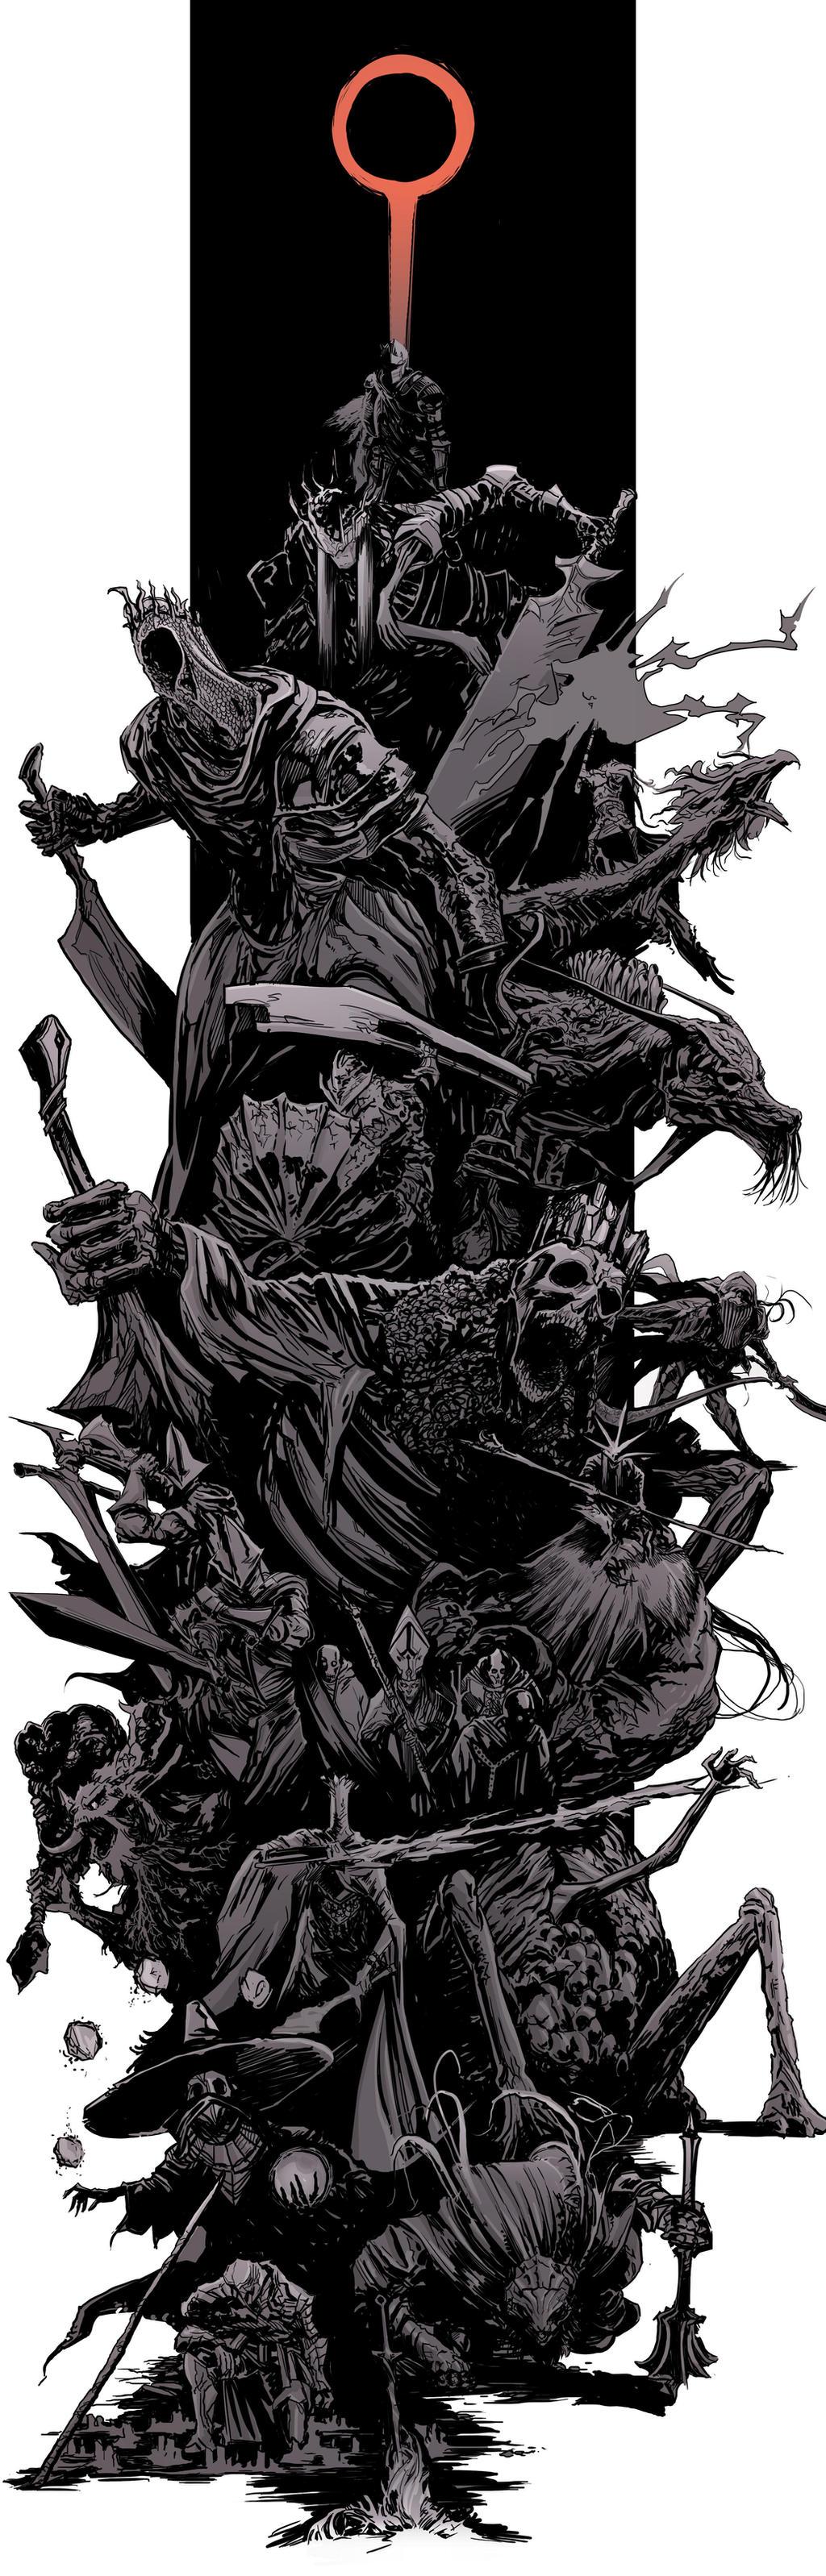 DarkSouls3 - bosses splash by uger